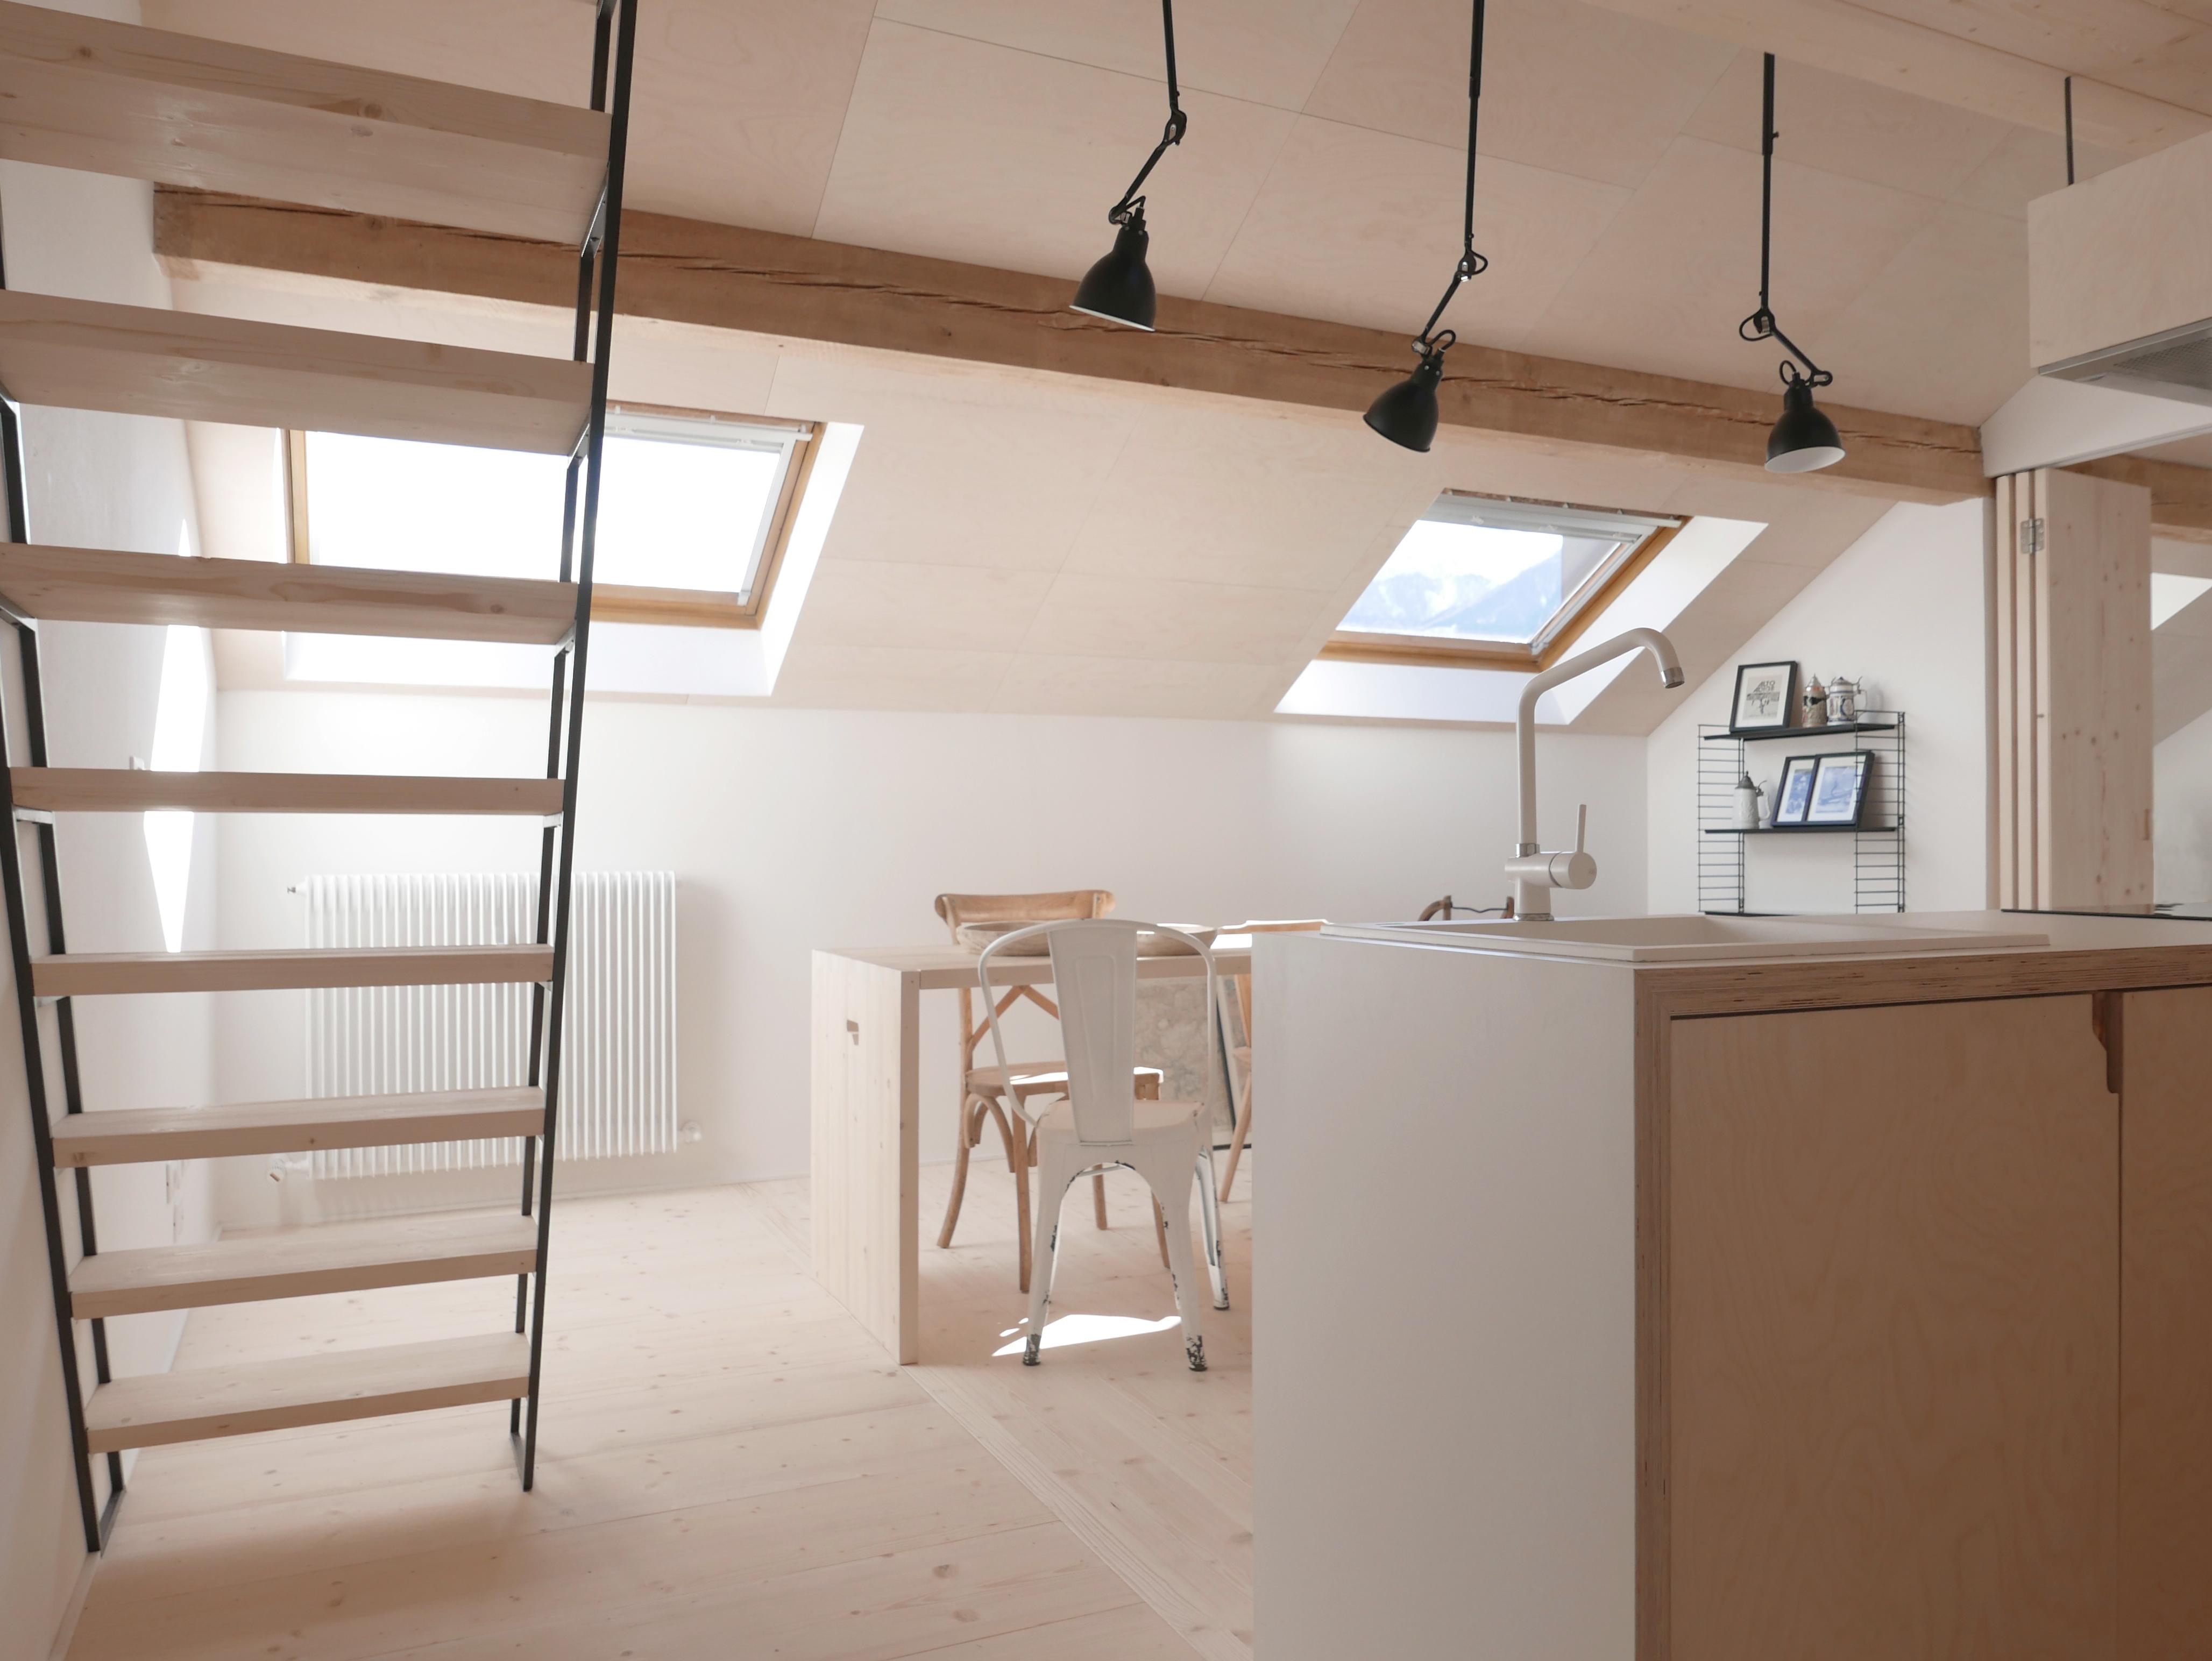 Come Dividere Sala E Cucina idee per dividere gli spazi di una mansarda - mansarda.it